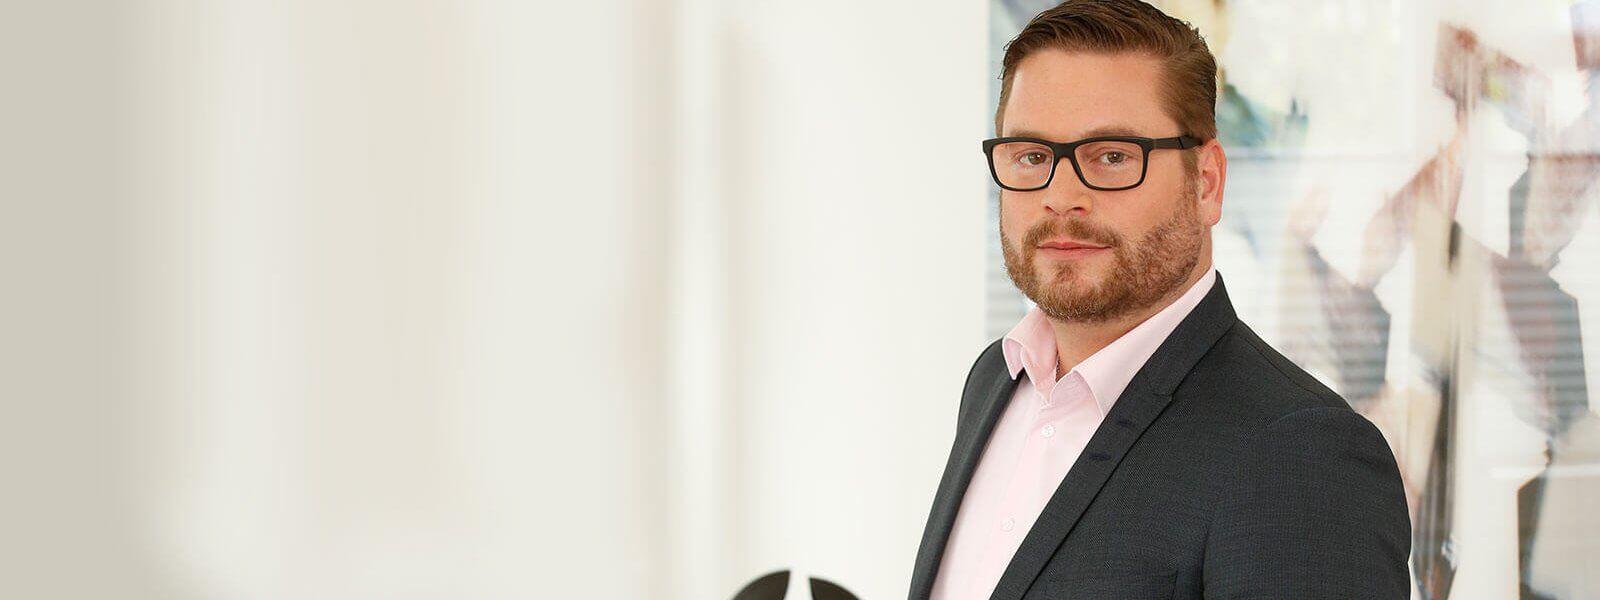 Steffen Hort, geschäftsführender Gesellschafter der Steuerkanzlei Maisenbacher Hort + Partner, im Interview zu New Work in der Steuerbranche